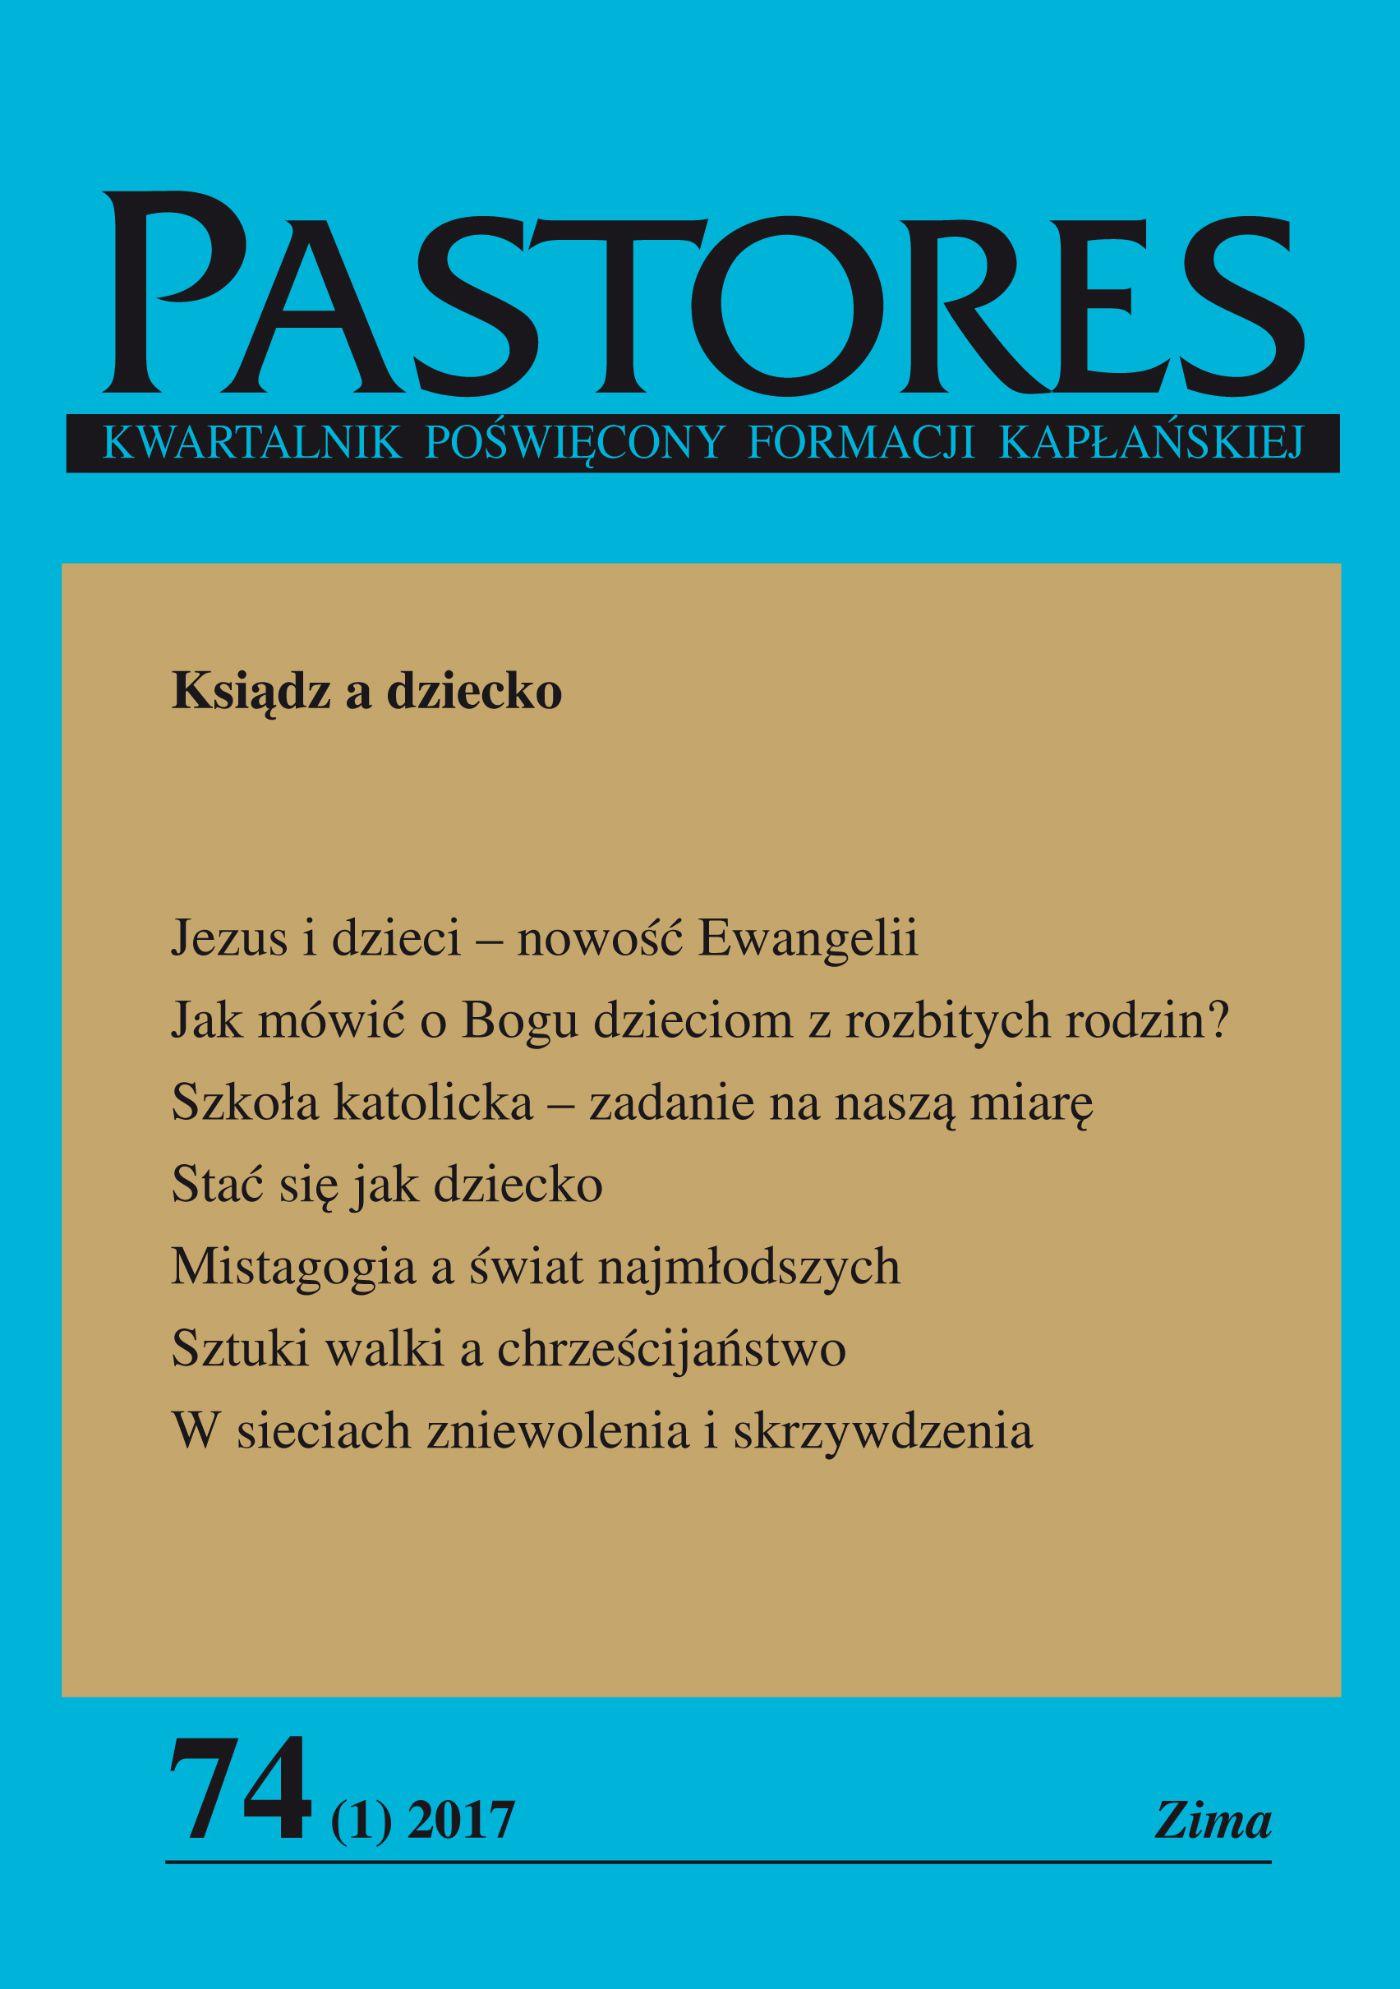 Pastores 74 (1) 2017 - Ebook (Książka EPUB) do pobrania w formacie EPUB